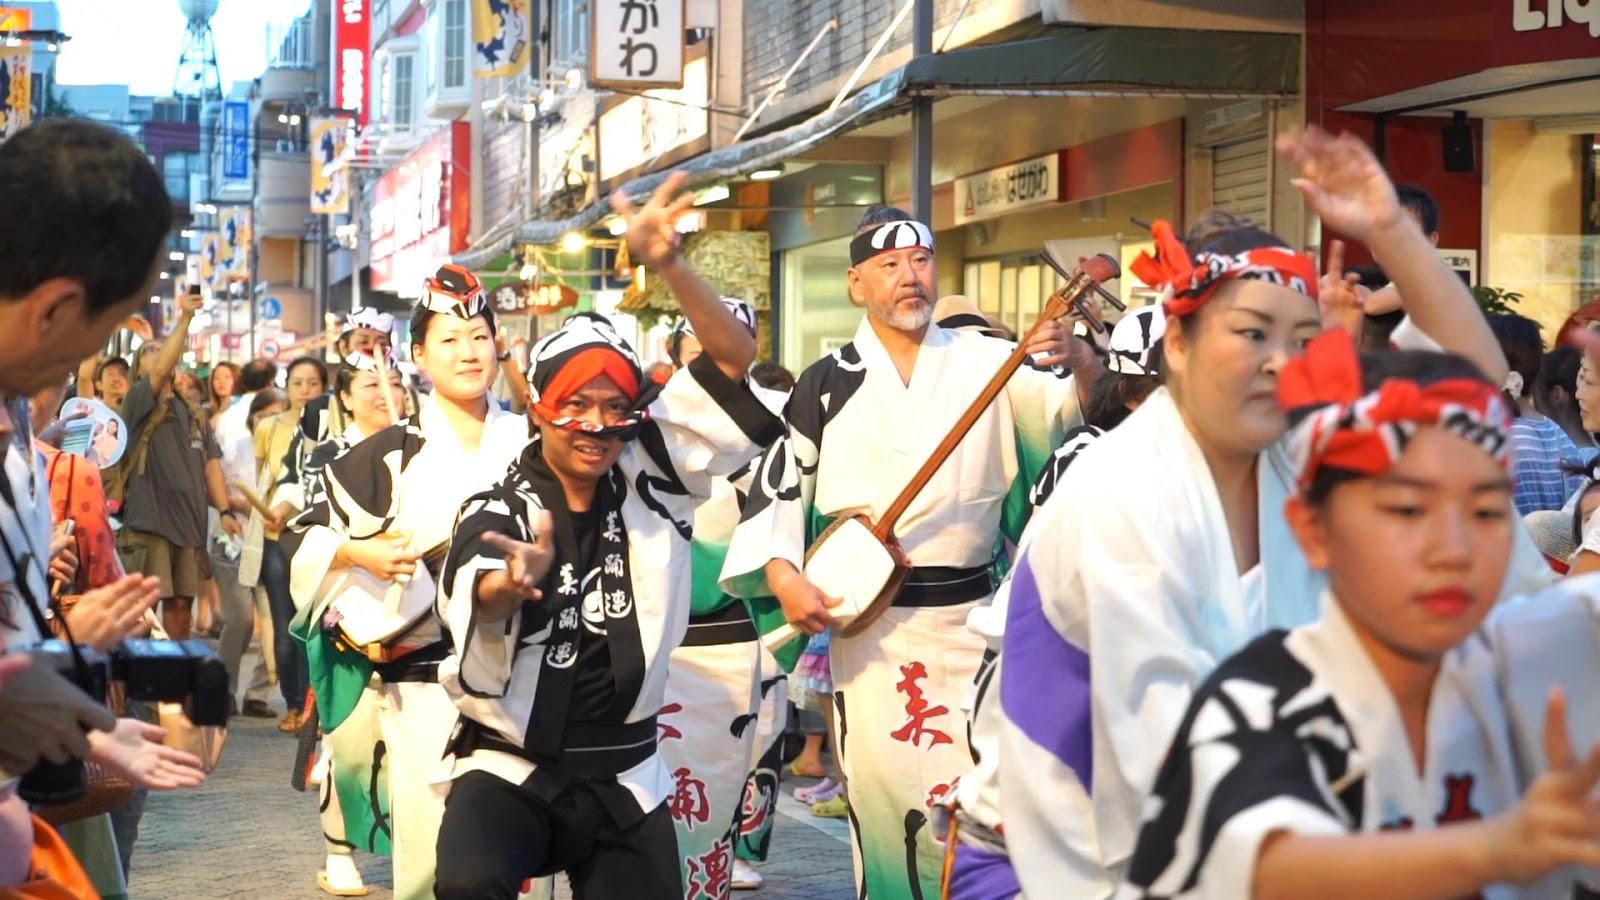 高円寺阿波おどり、ふれおどり、美踊連の動画を見る